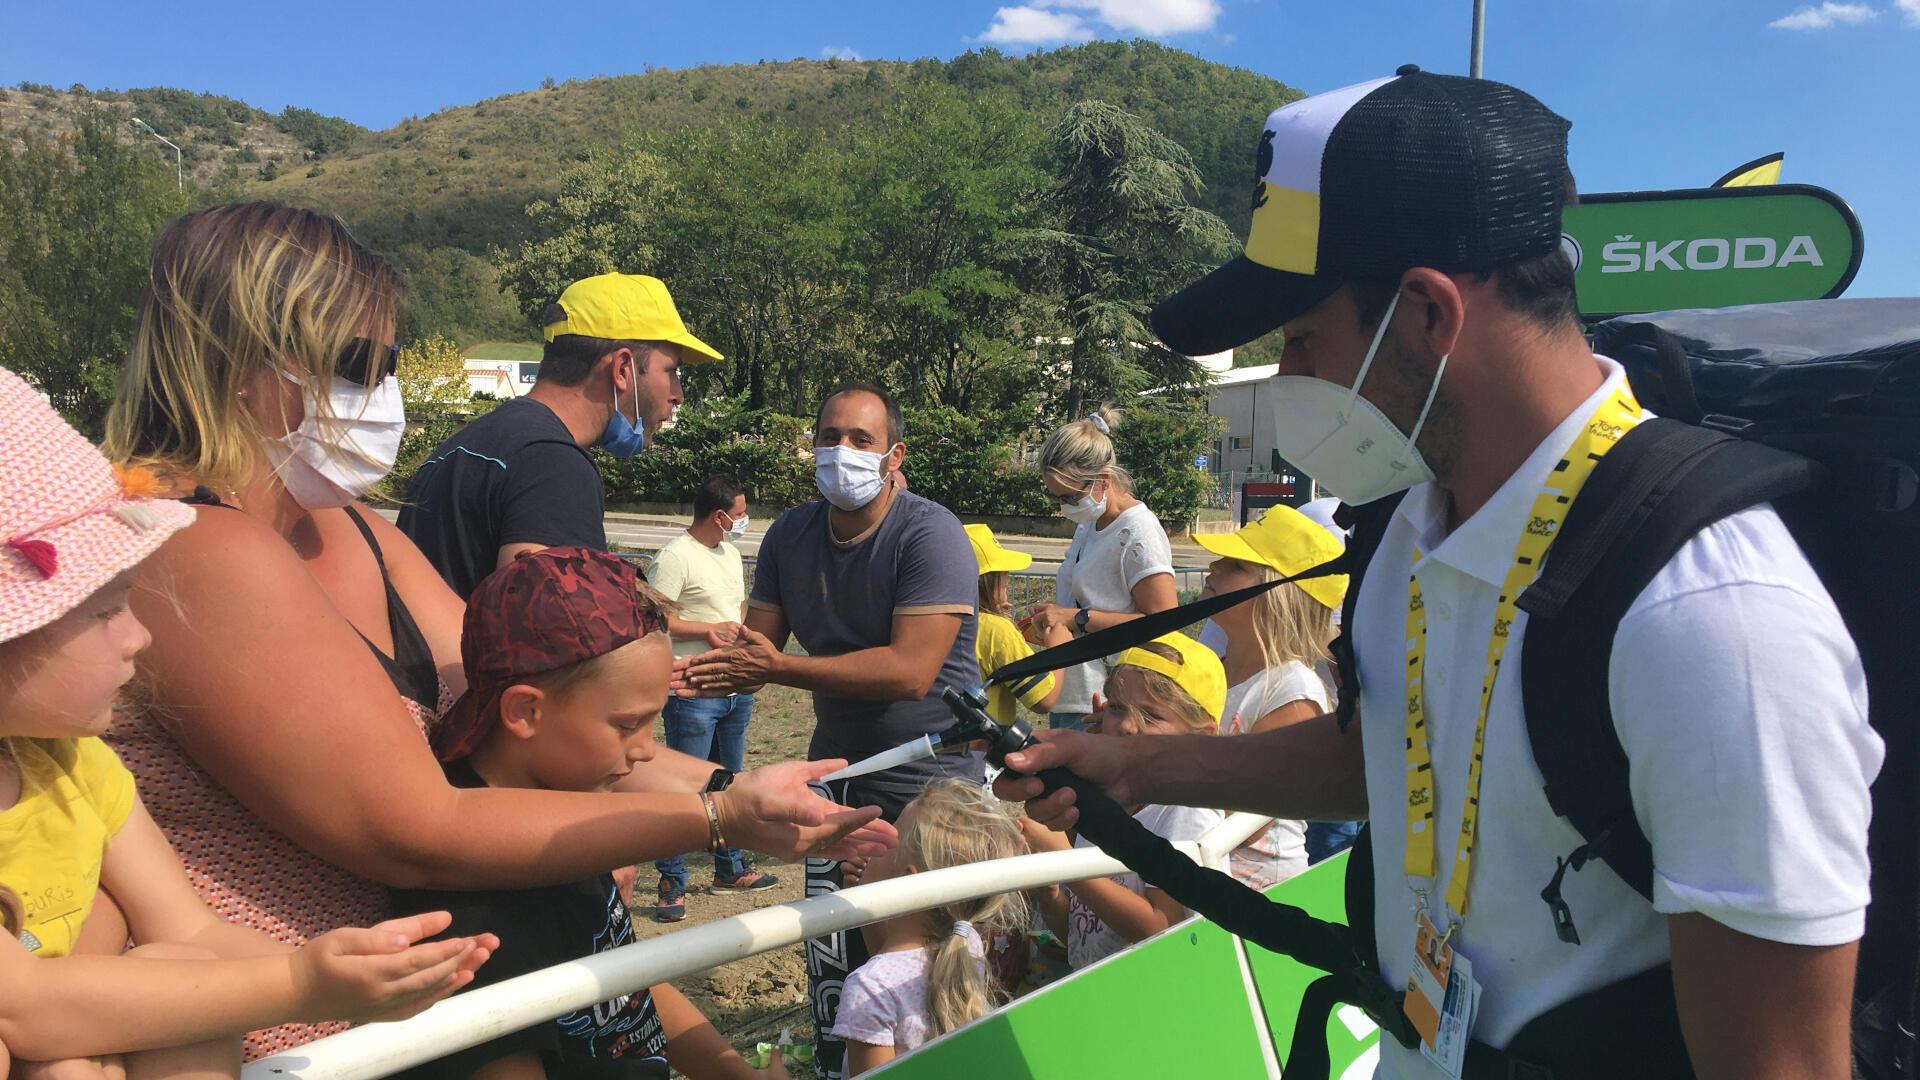 Distribution de gel hydro-alcoolique à l'arrivée de la 5ème étape du Tour de France 2020, à Privas.